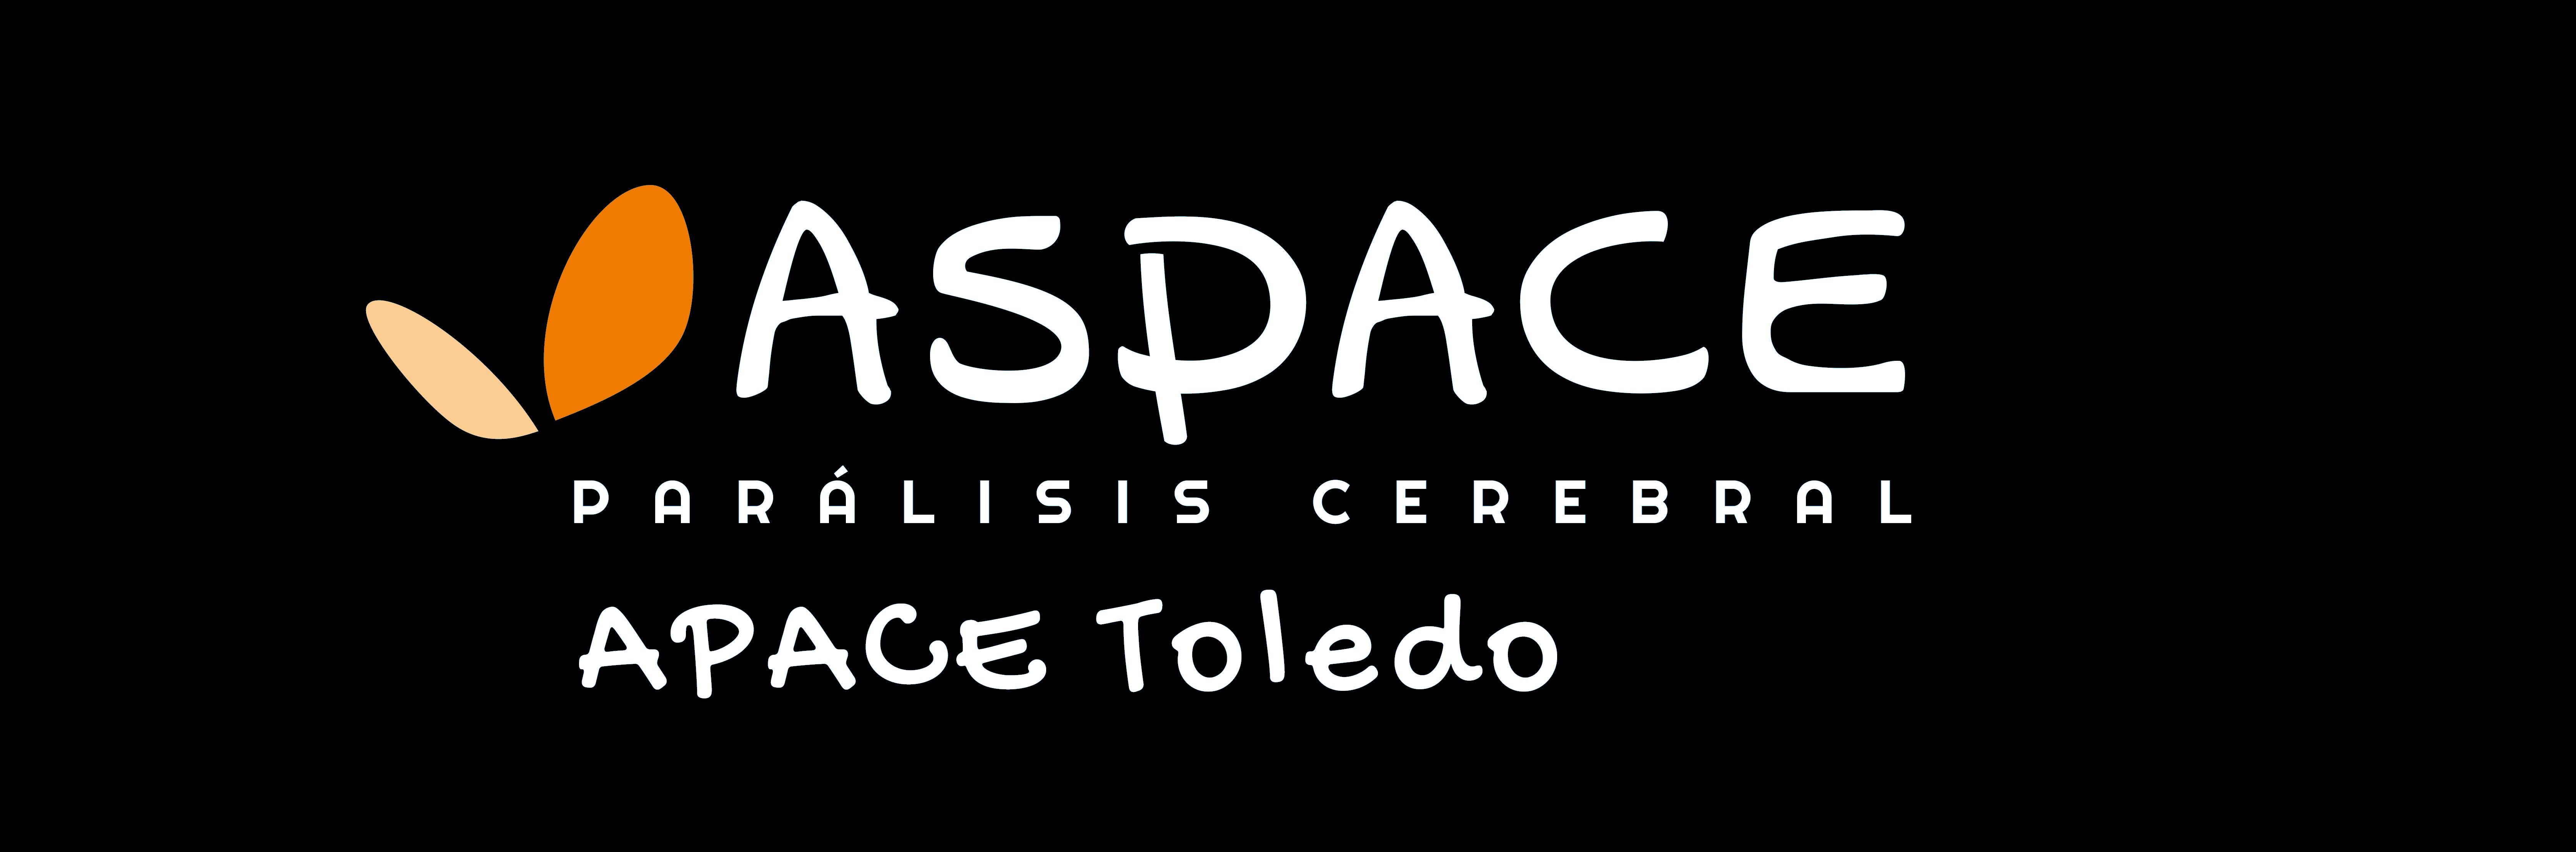 Apace Toledo